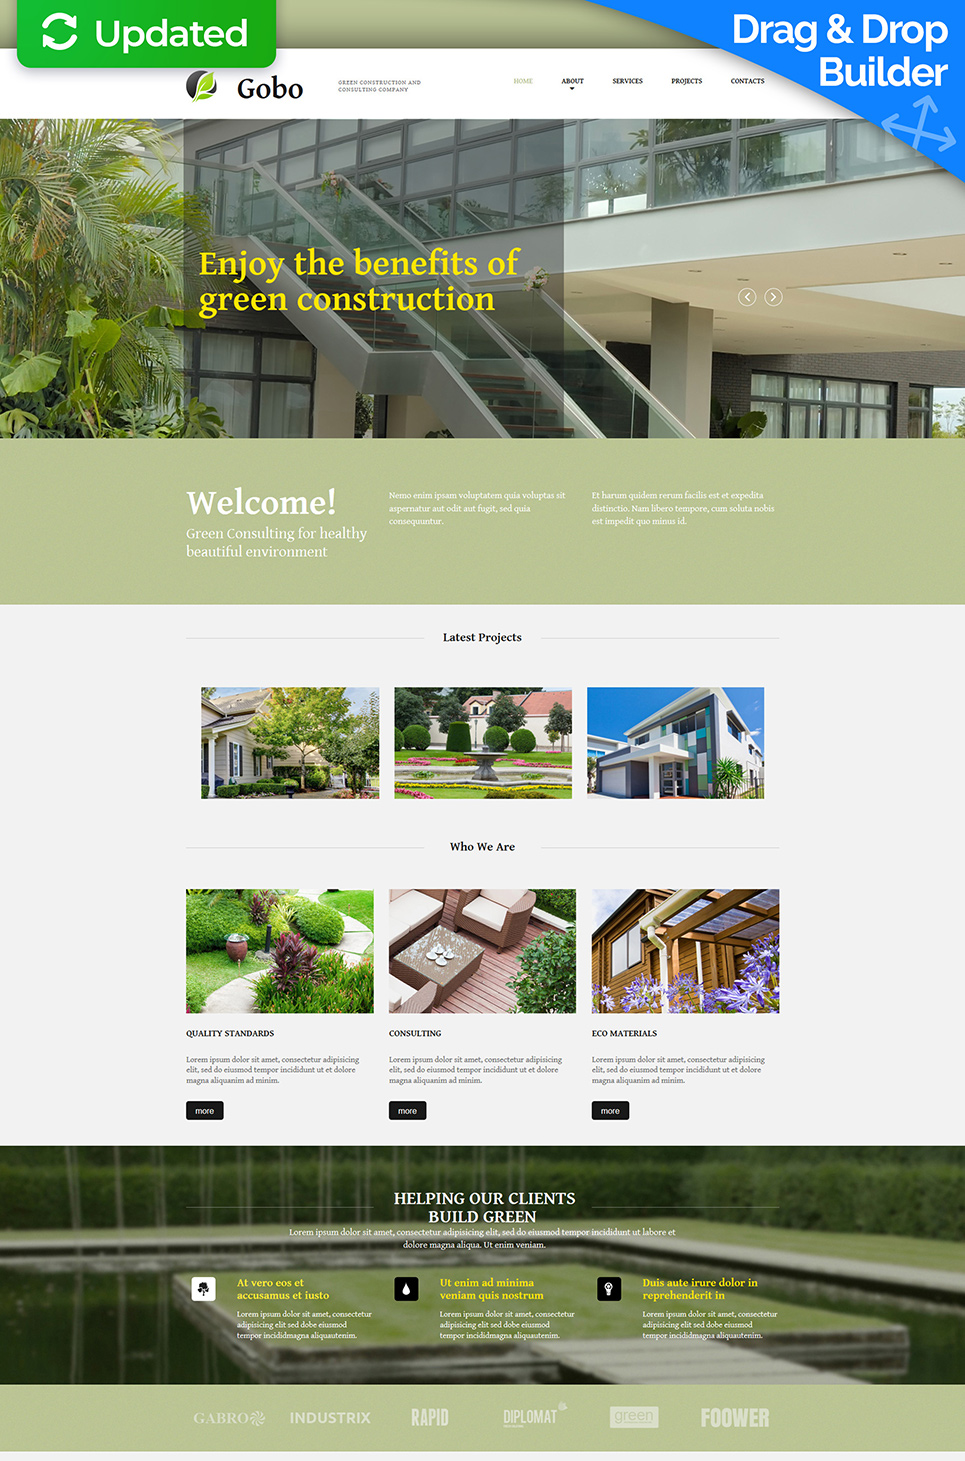 Homepage-Vorlage zum Thema Hausbau in grünen Tönen - image